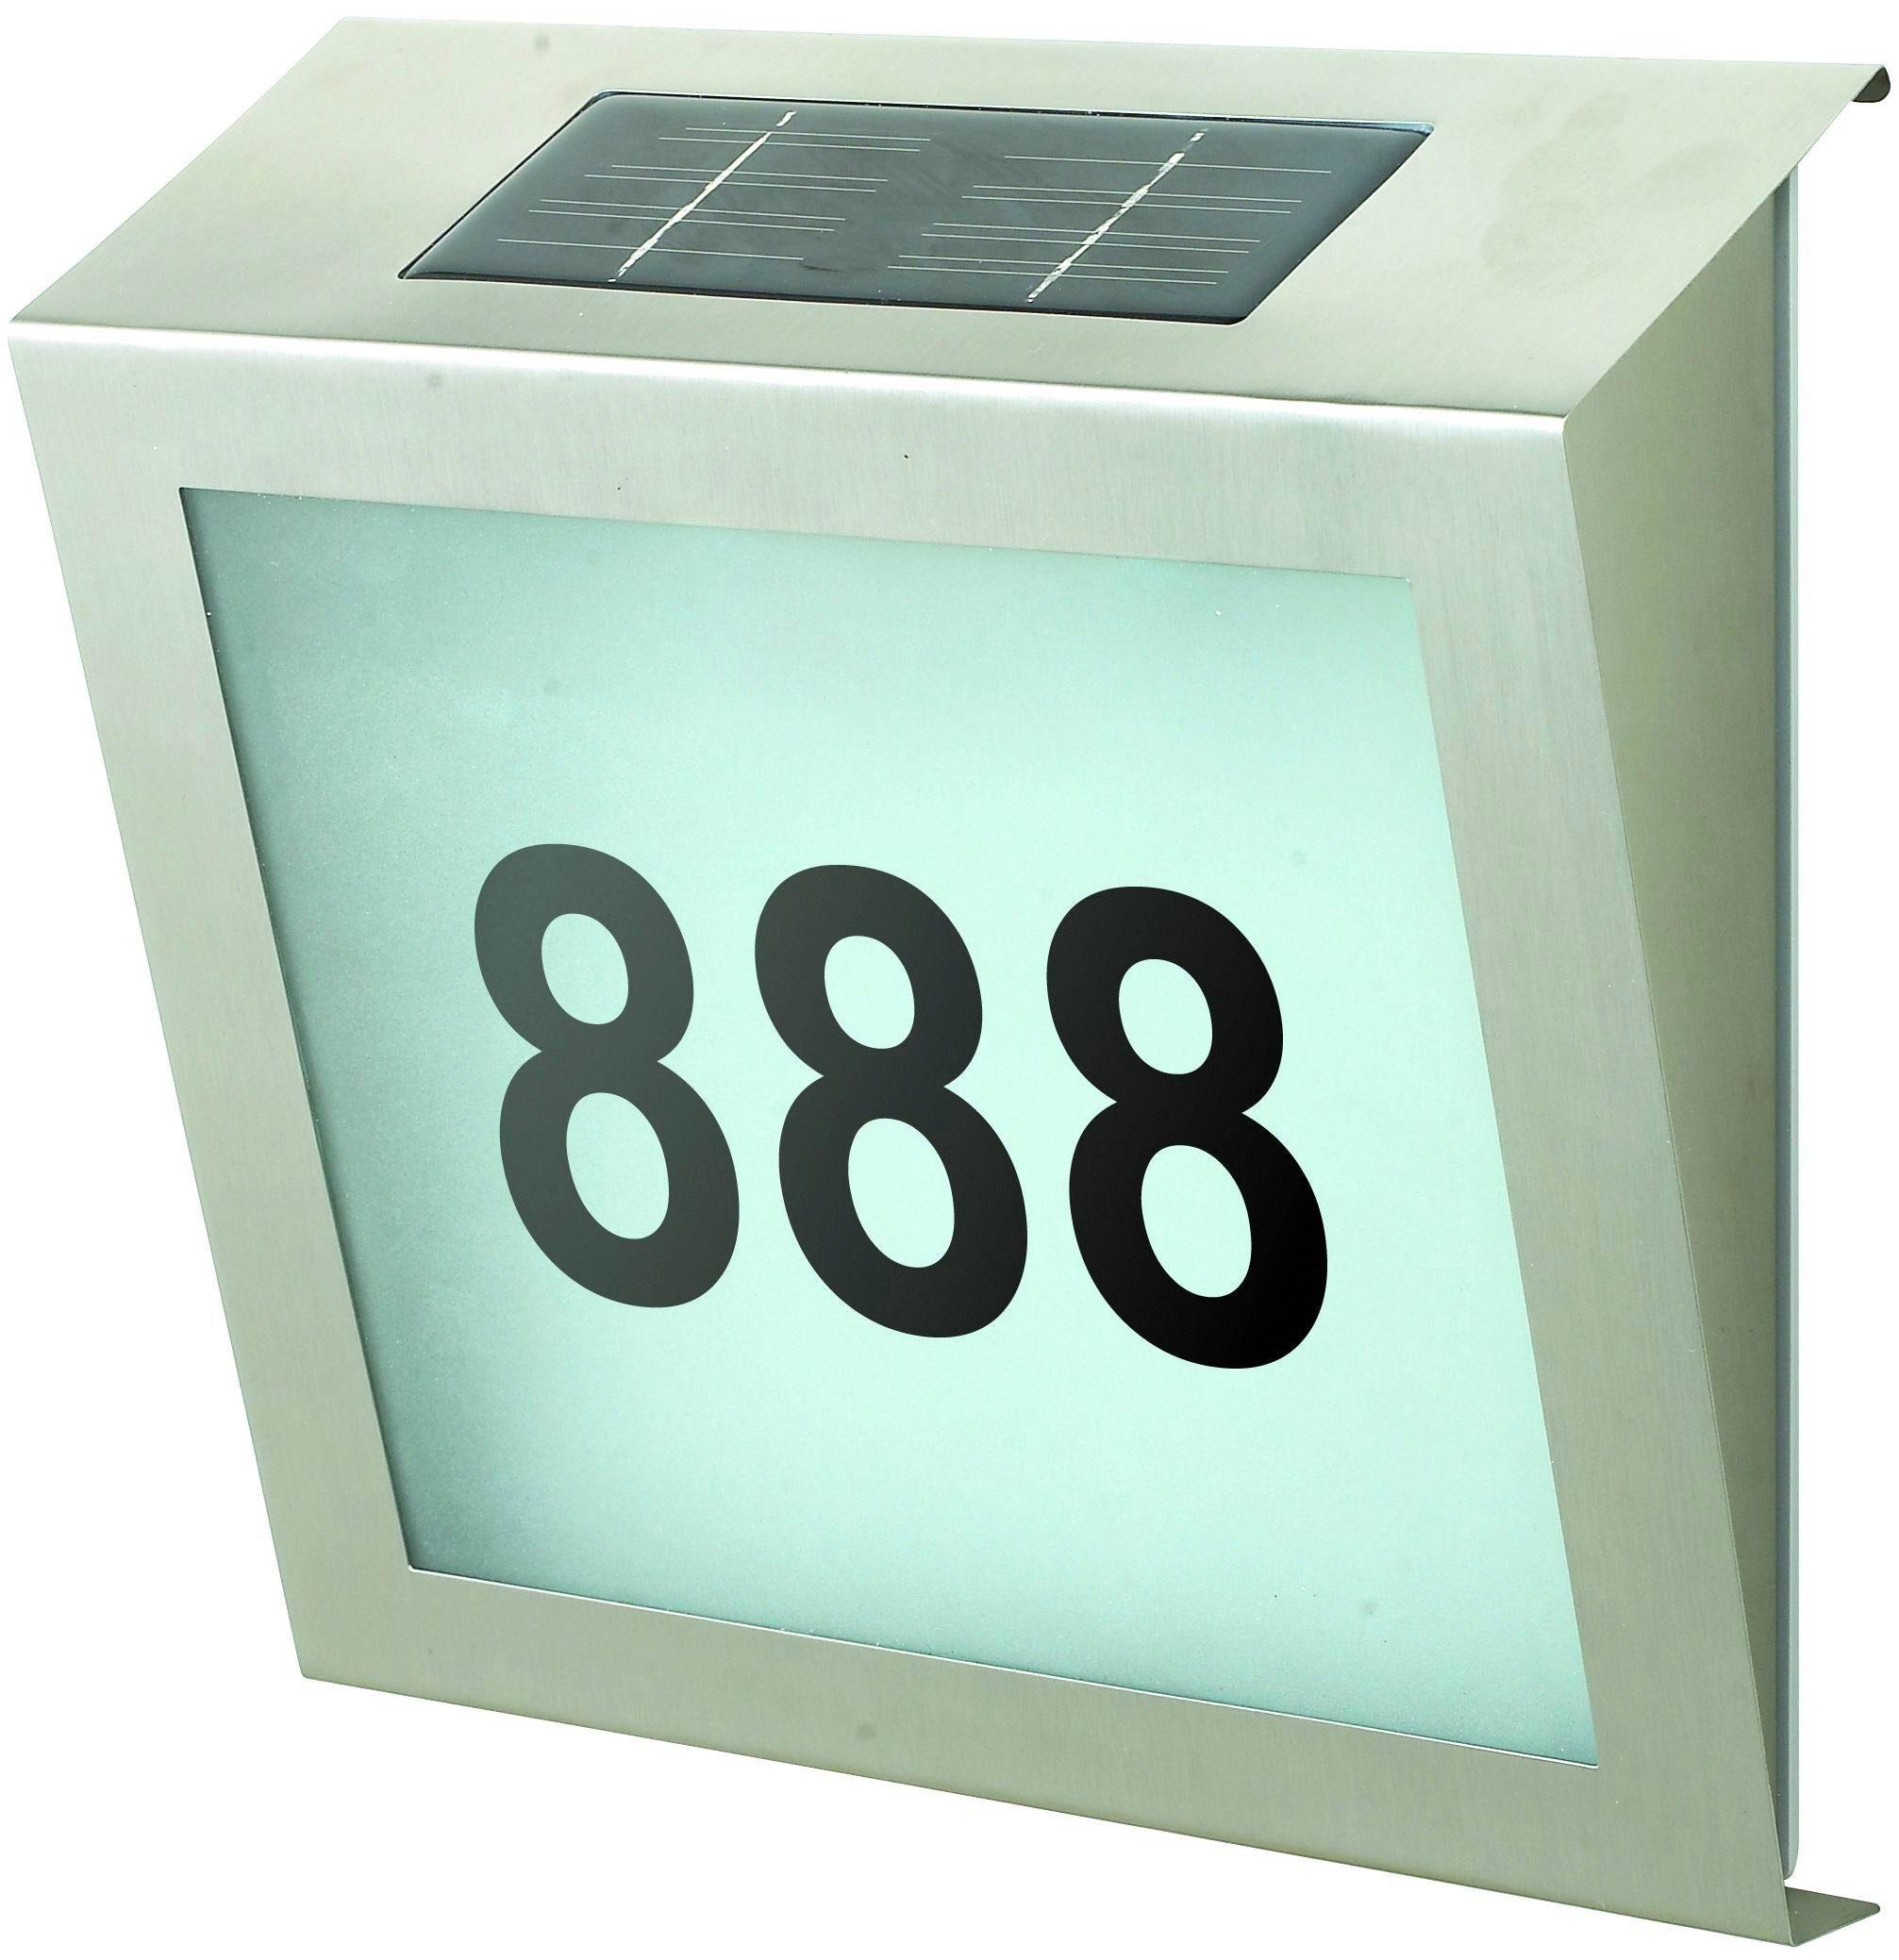 BETTERLIGHTING Solarleuchte »Hausnummernleuchte«, Höhe: 23 cm, silberfarben